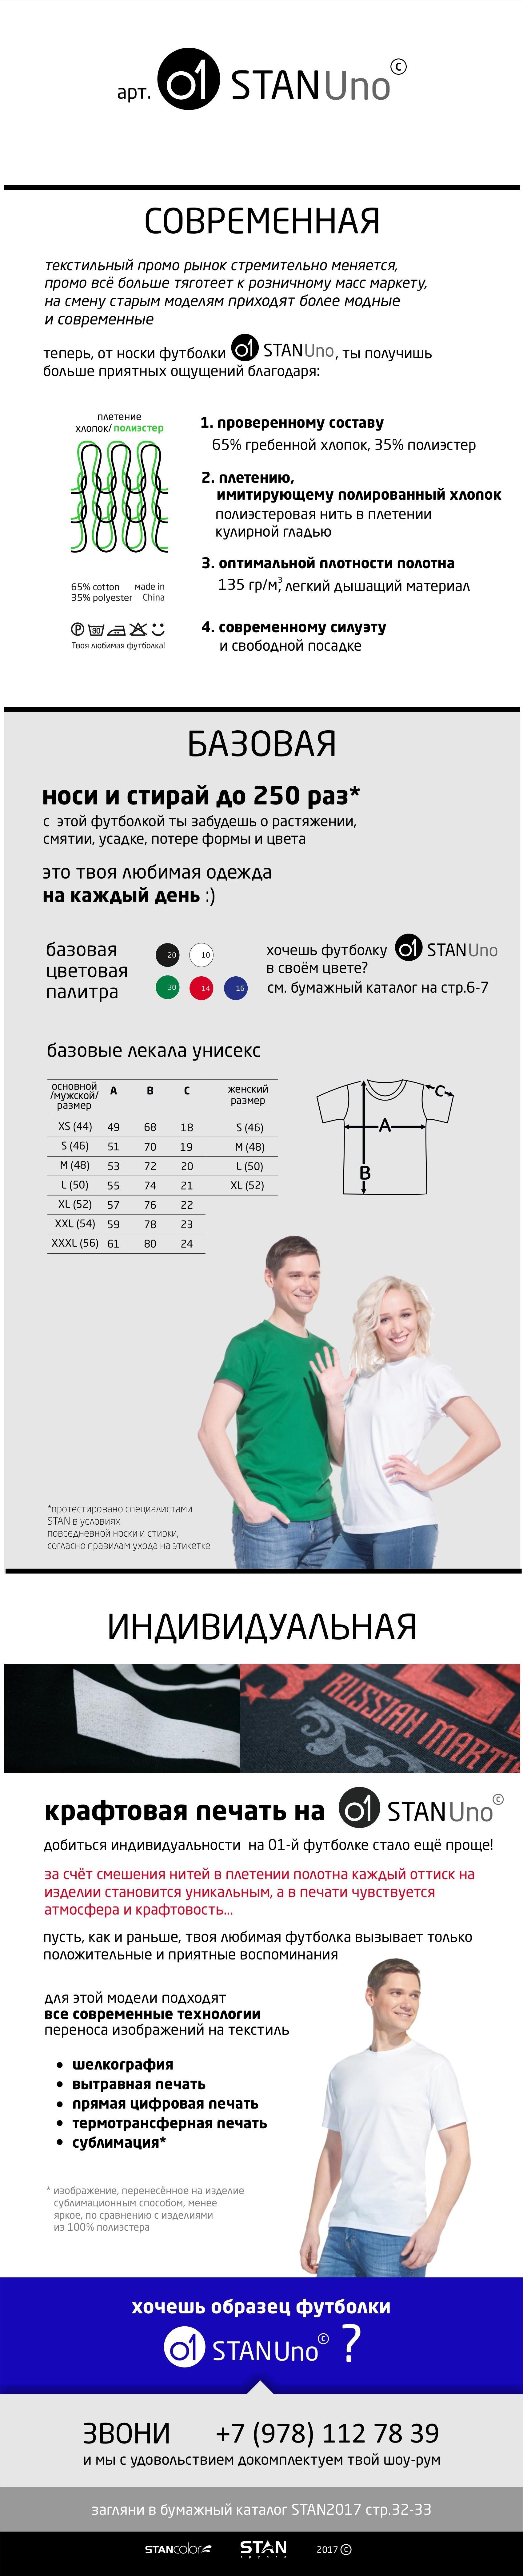 Презентация футболки StanUNO